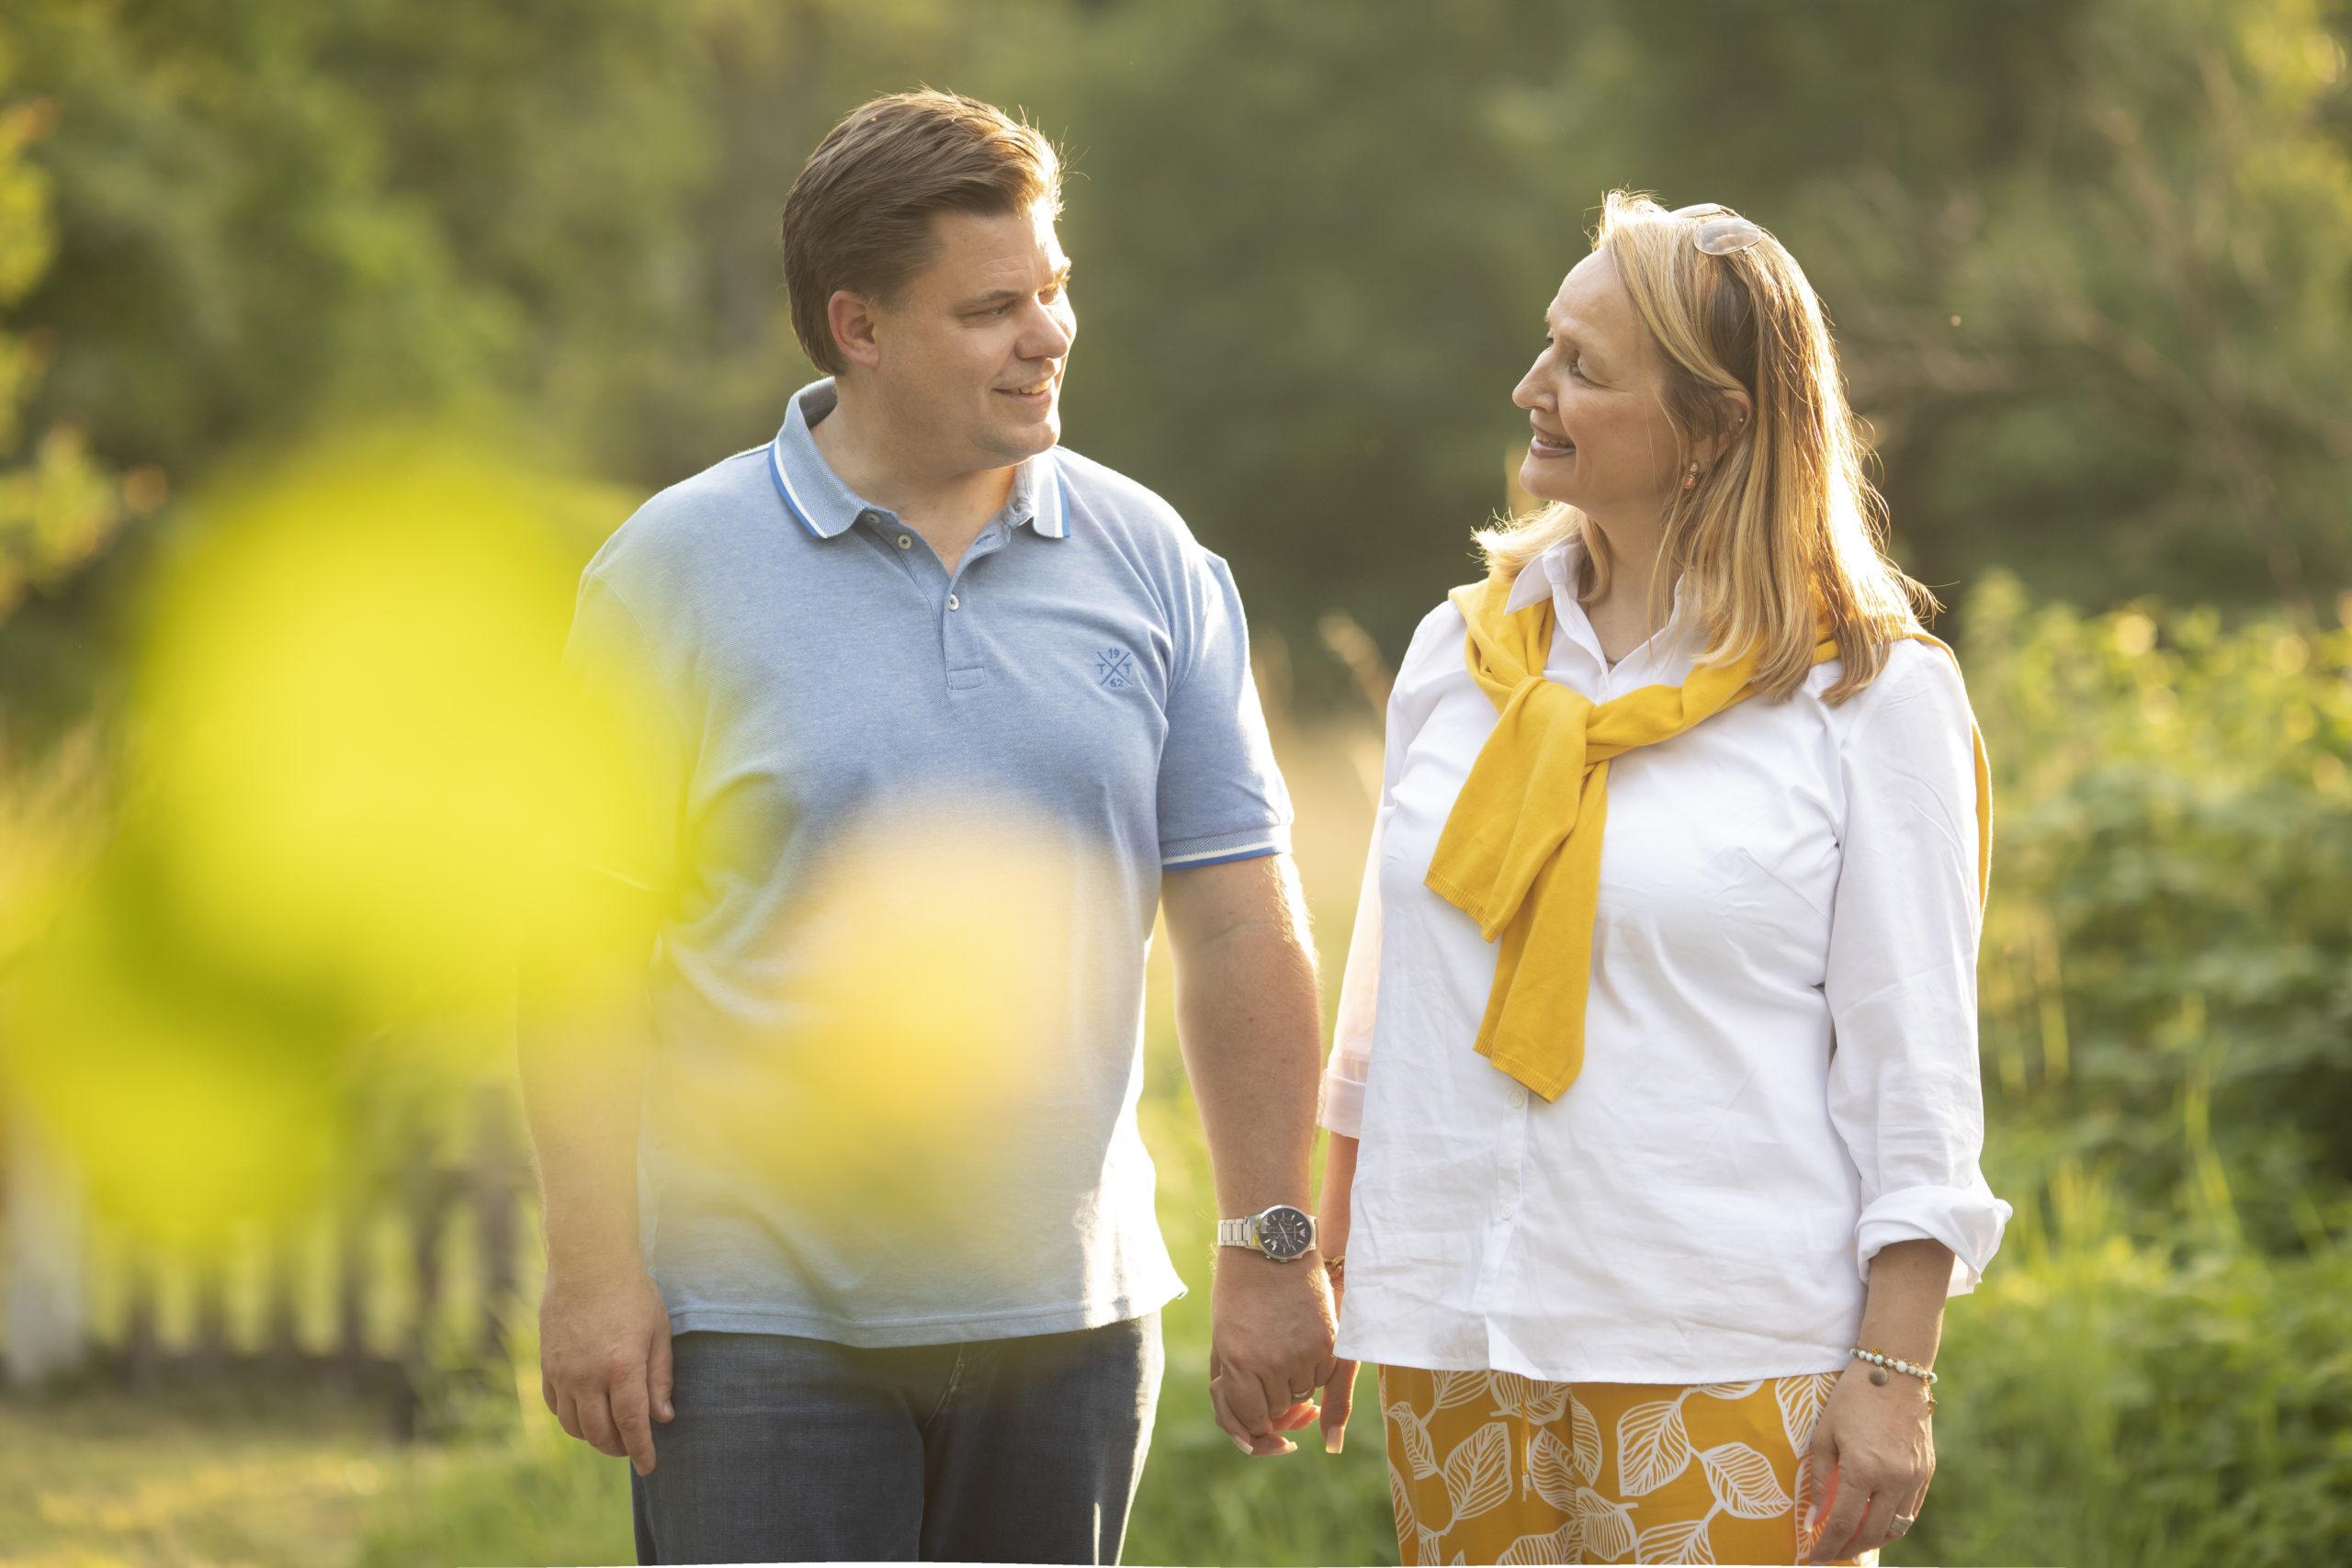 Stefan Schmitt und seine Frau blicken sich Händchen haltend und lächelnd an, während sie durch die Natur spazieren